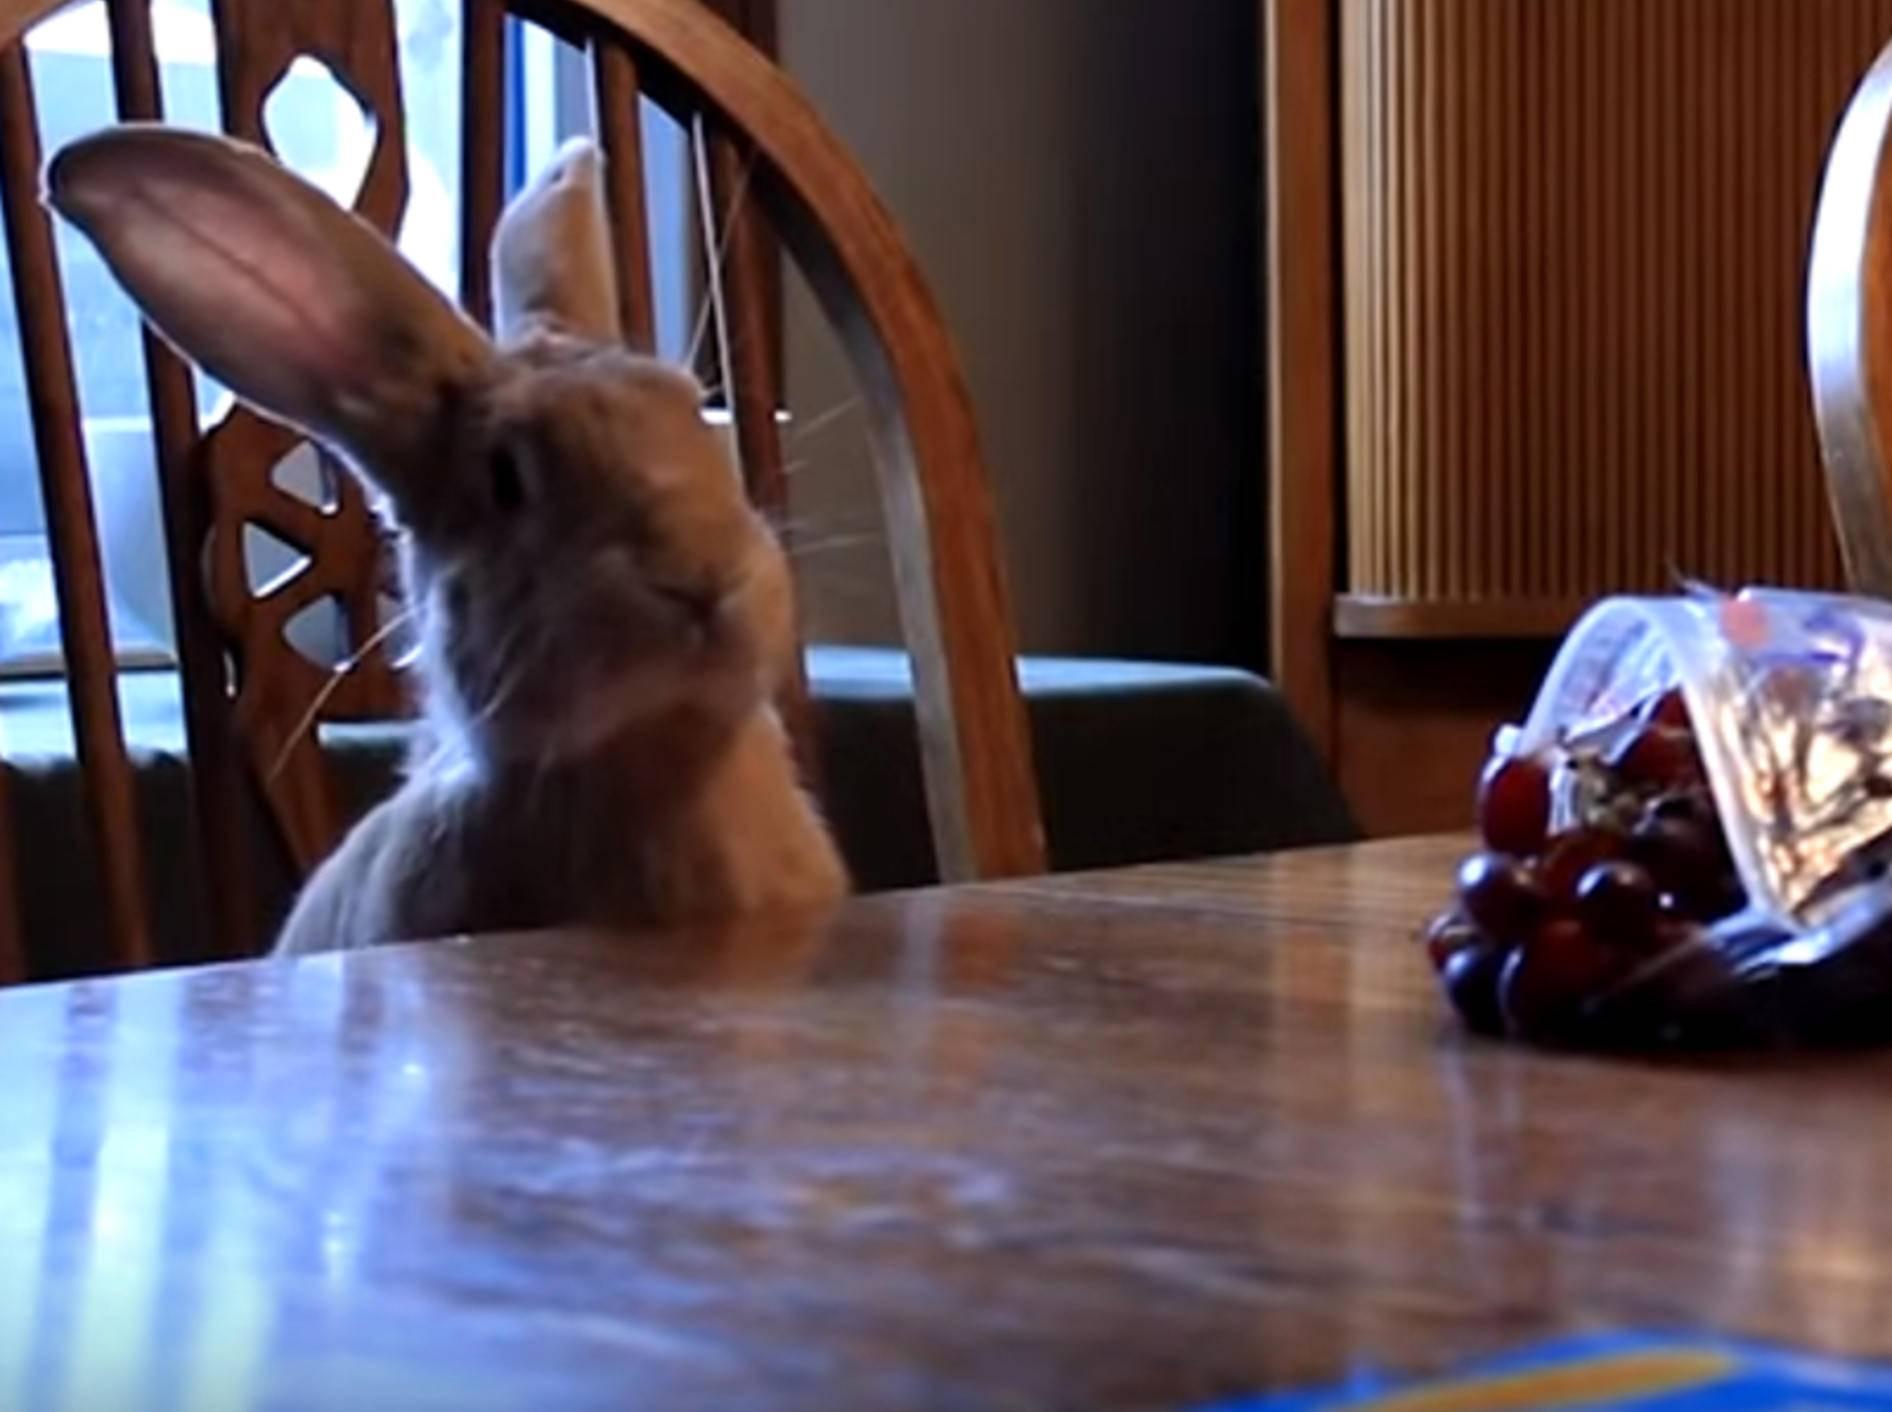 Wenn Tiere leckeres Essen auf dem Tisch erblicken – Bild: YouTube / The Dodo